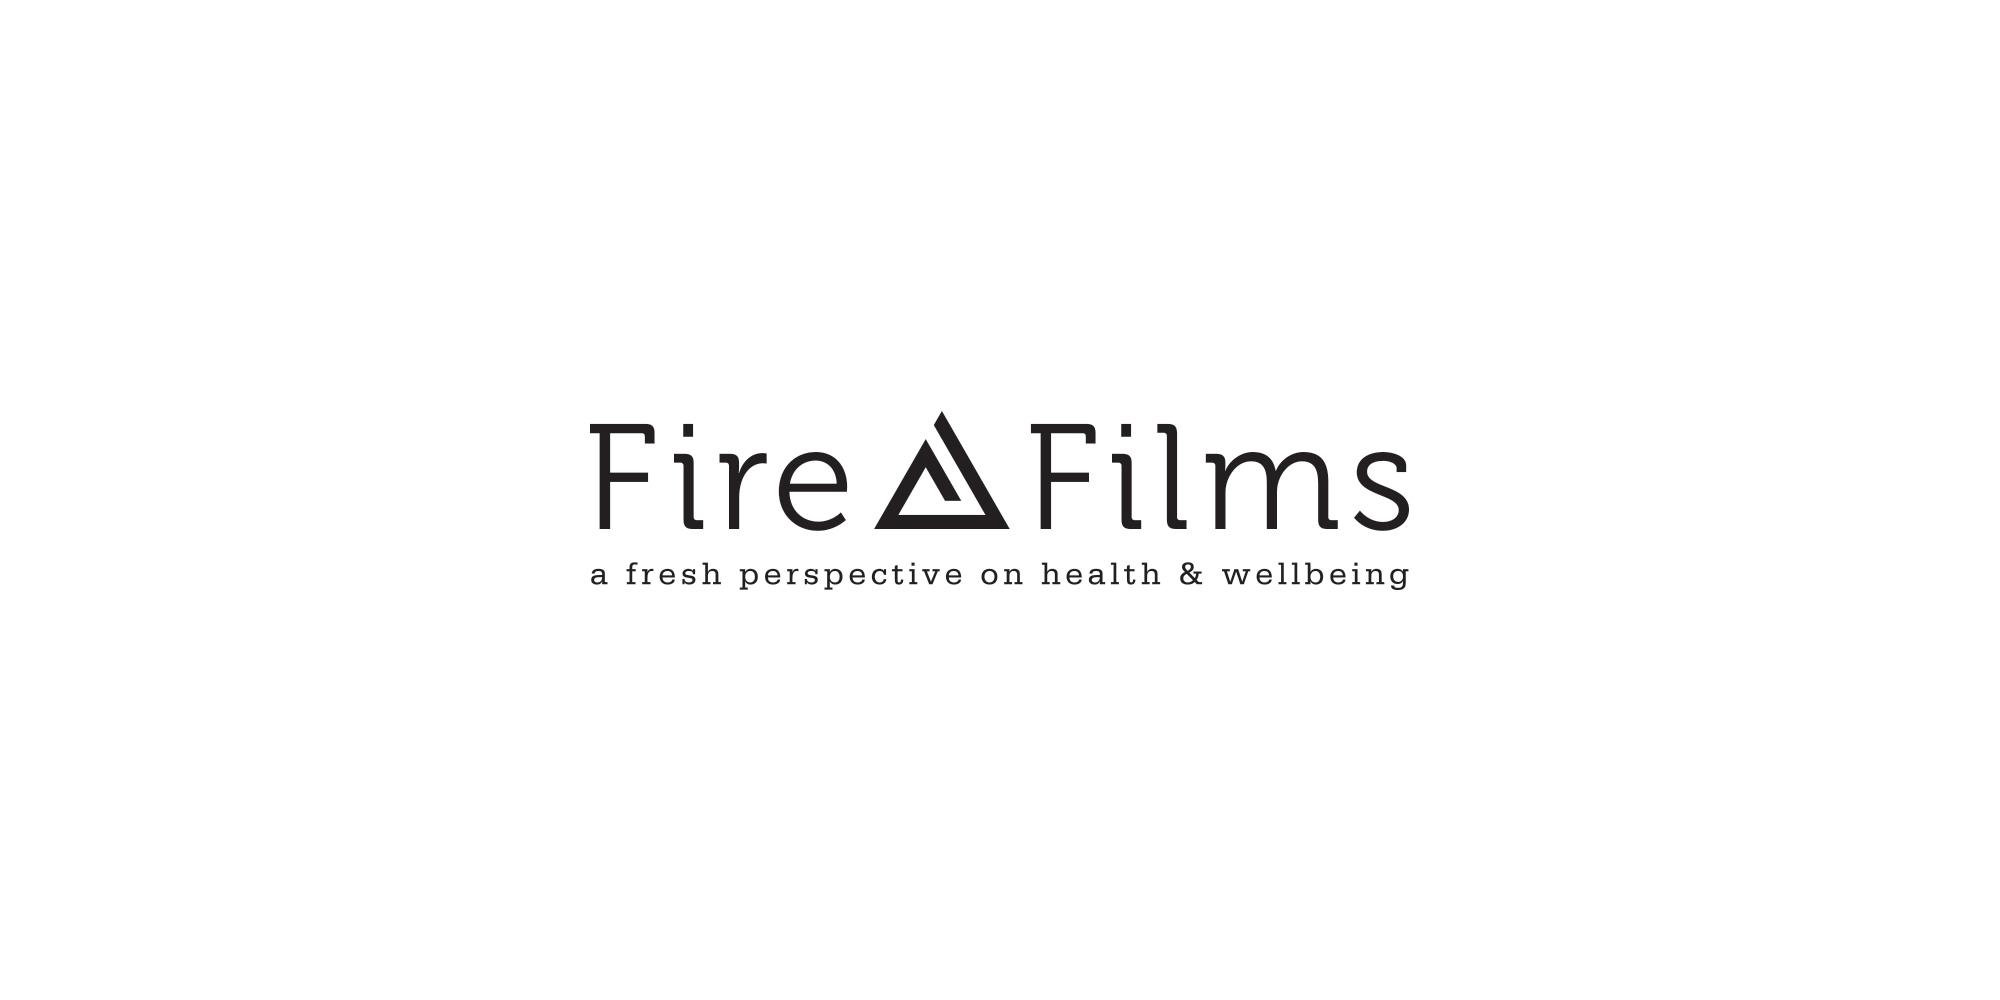 Fire Films - Branding